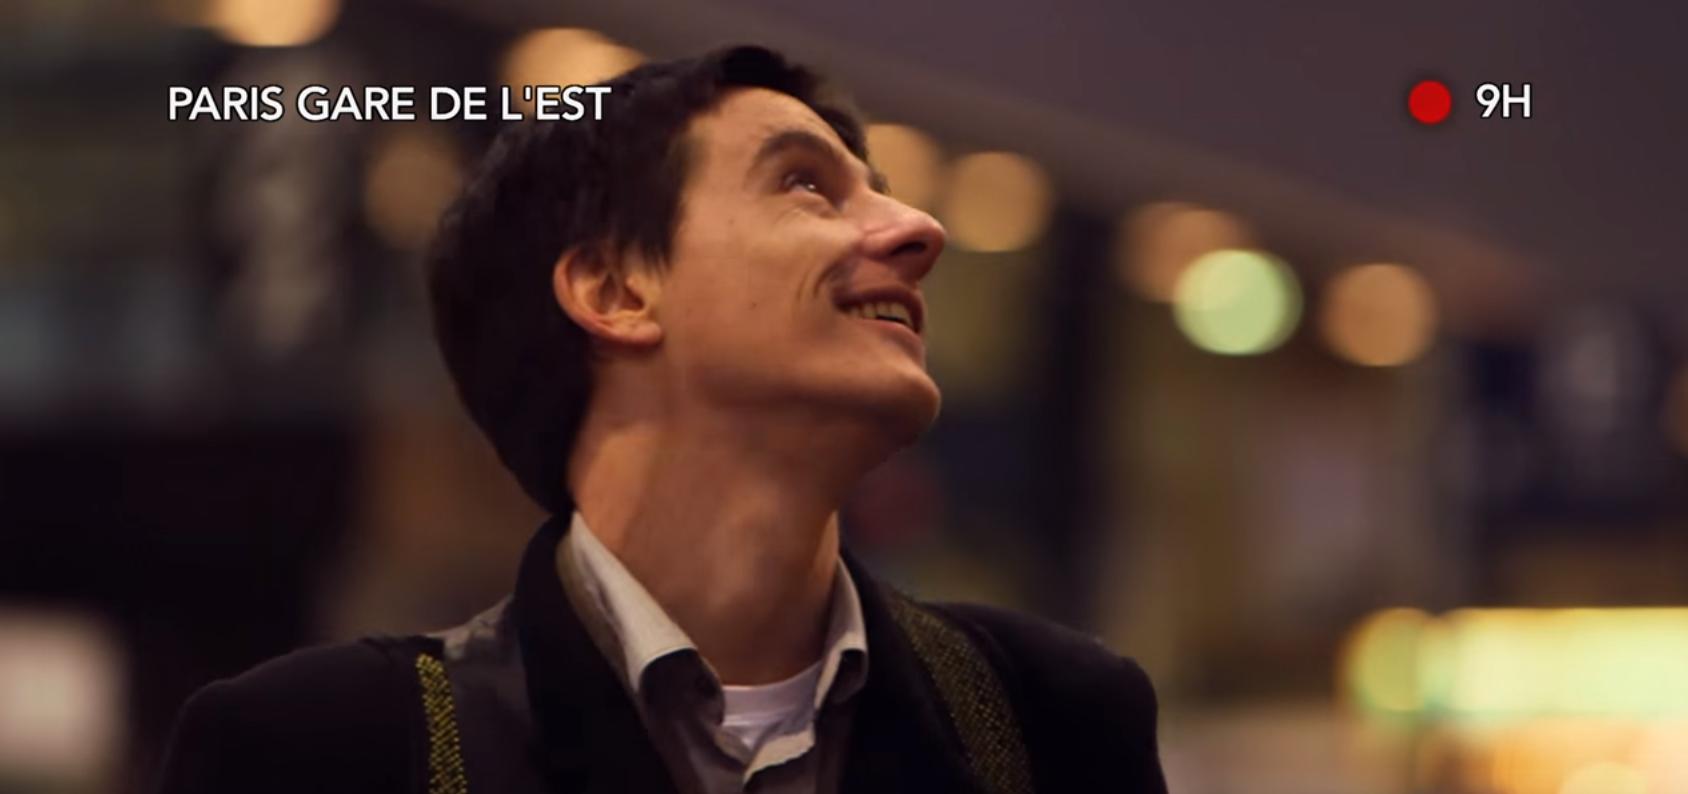 La voix de la SNCF qui change de script, ça fait sourire les voyageurs